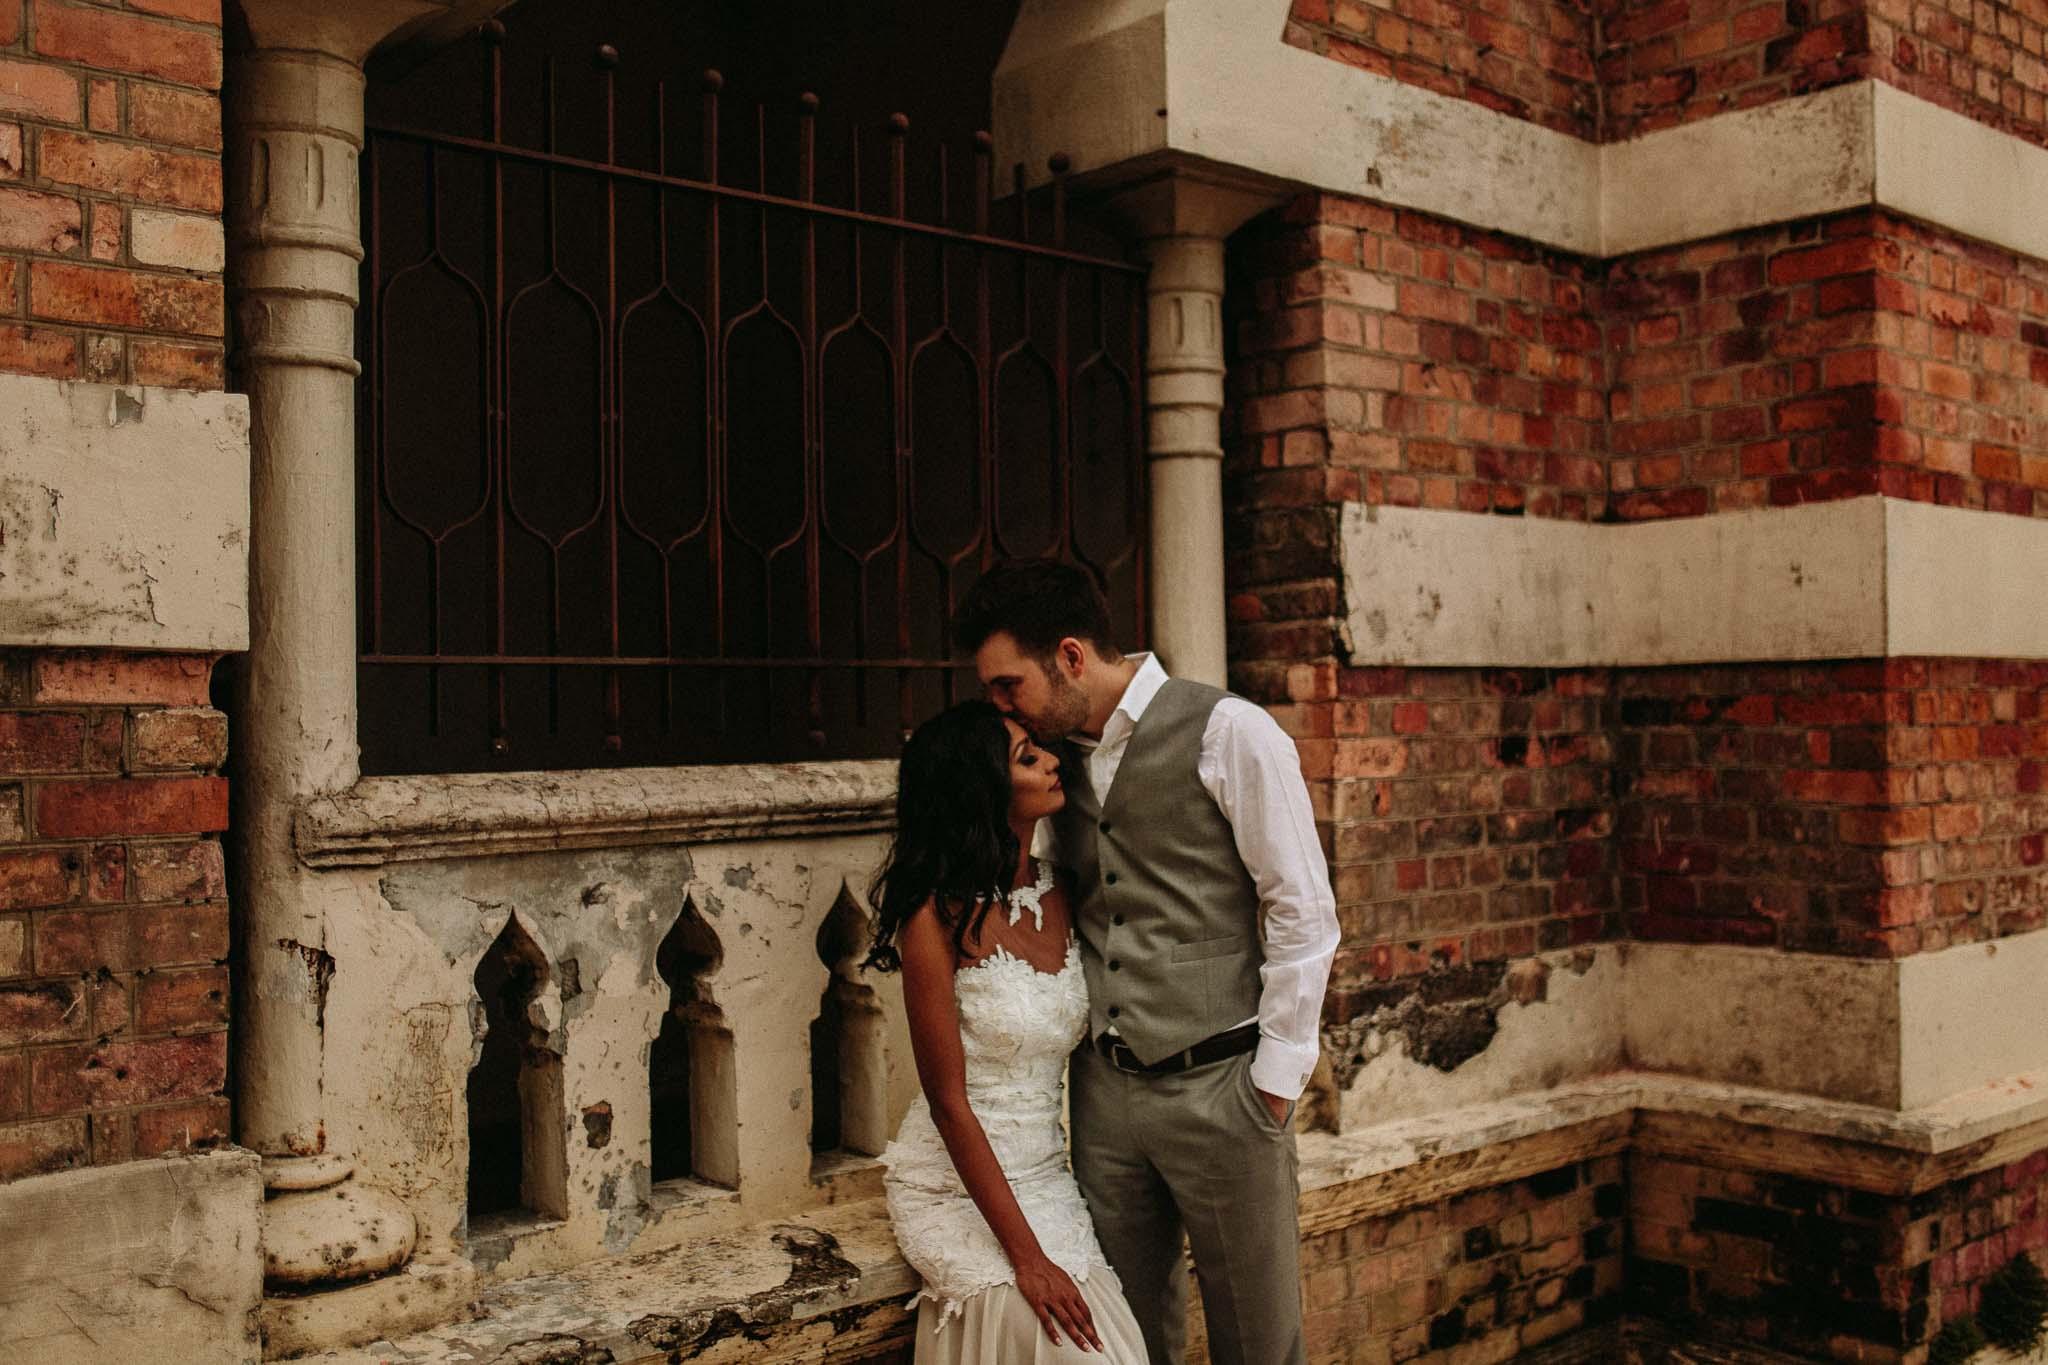 u&m-weddingsbyqay-lovesession-destinationweddingphotographer (139 of 160).jpg